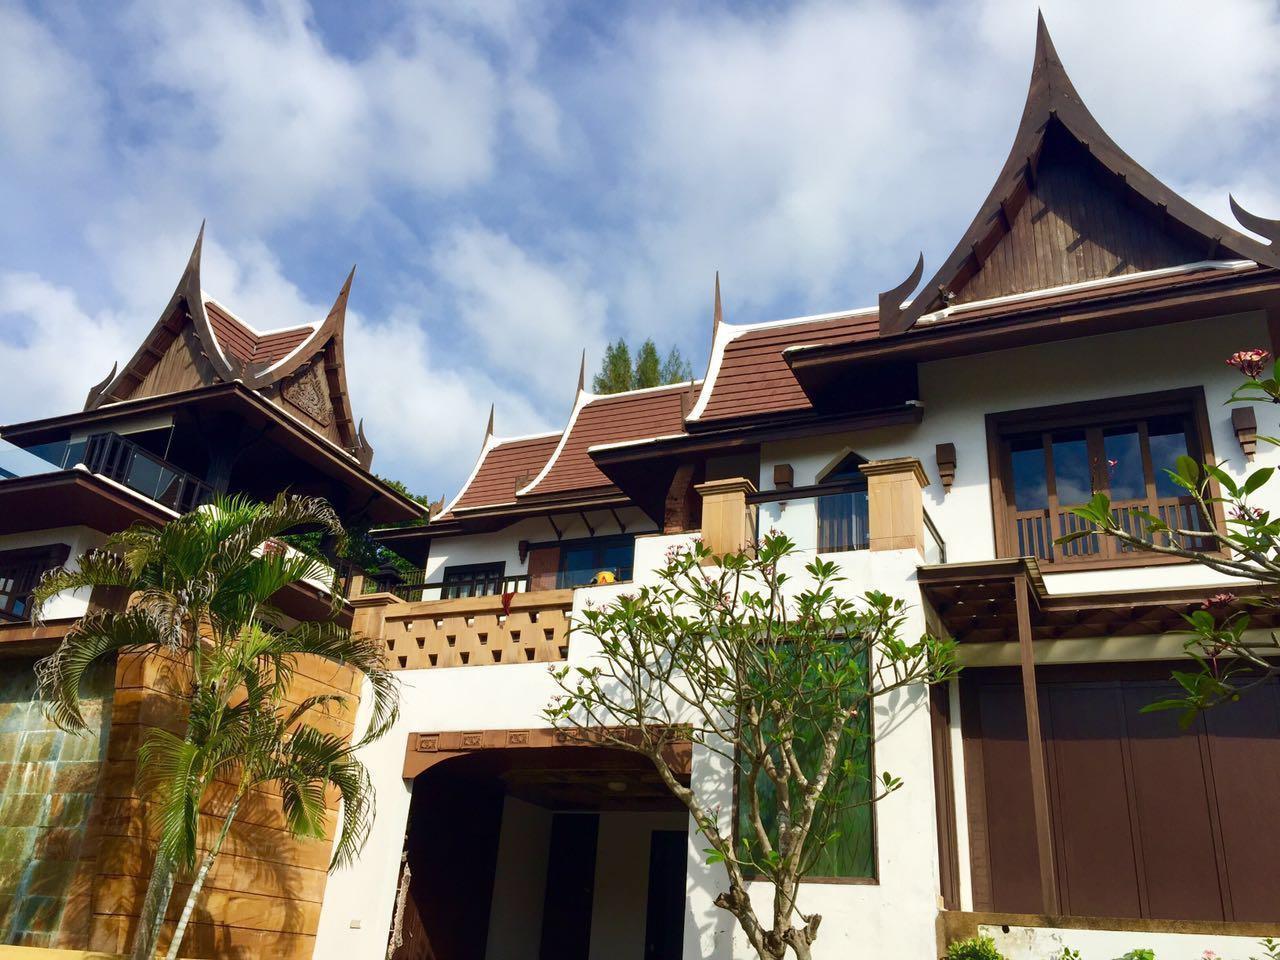 Le Paradis วิลลา 8 ห้องนอน 7 ห้องน้ำส่วนตัว ขนาด 3200 ตร.ม. – เชิงมน